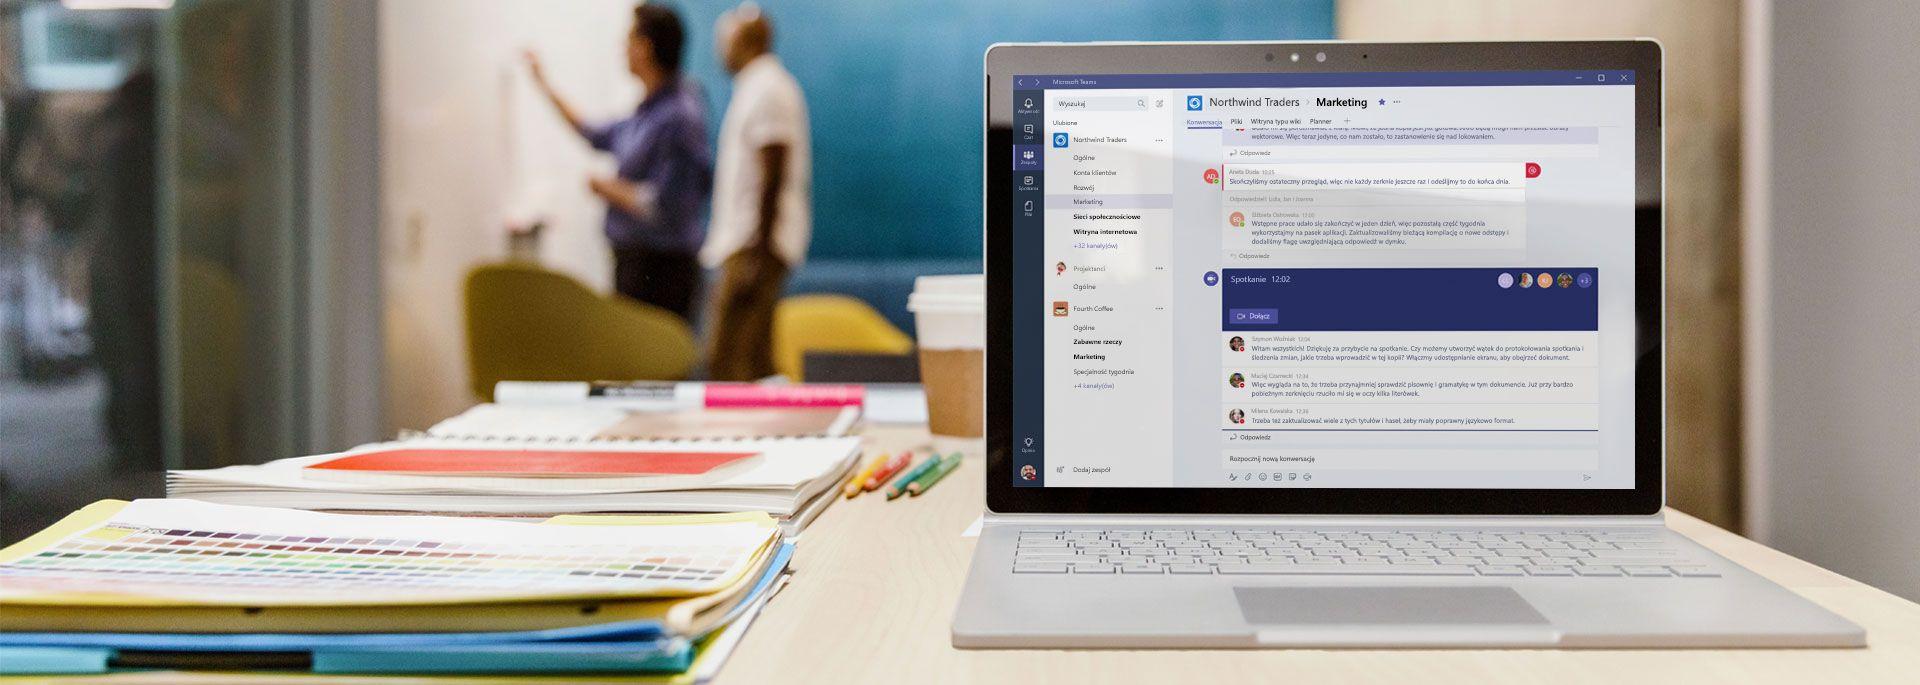 Tablet z wyświetlonymi konwersacjami w usłudze Microsoft Teams